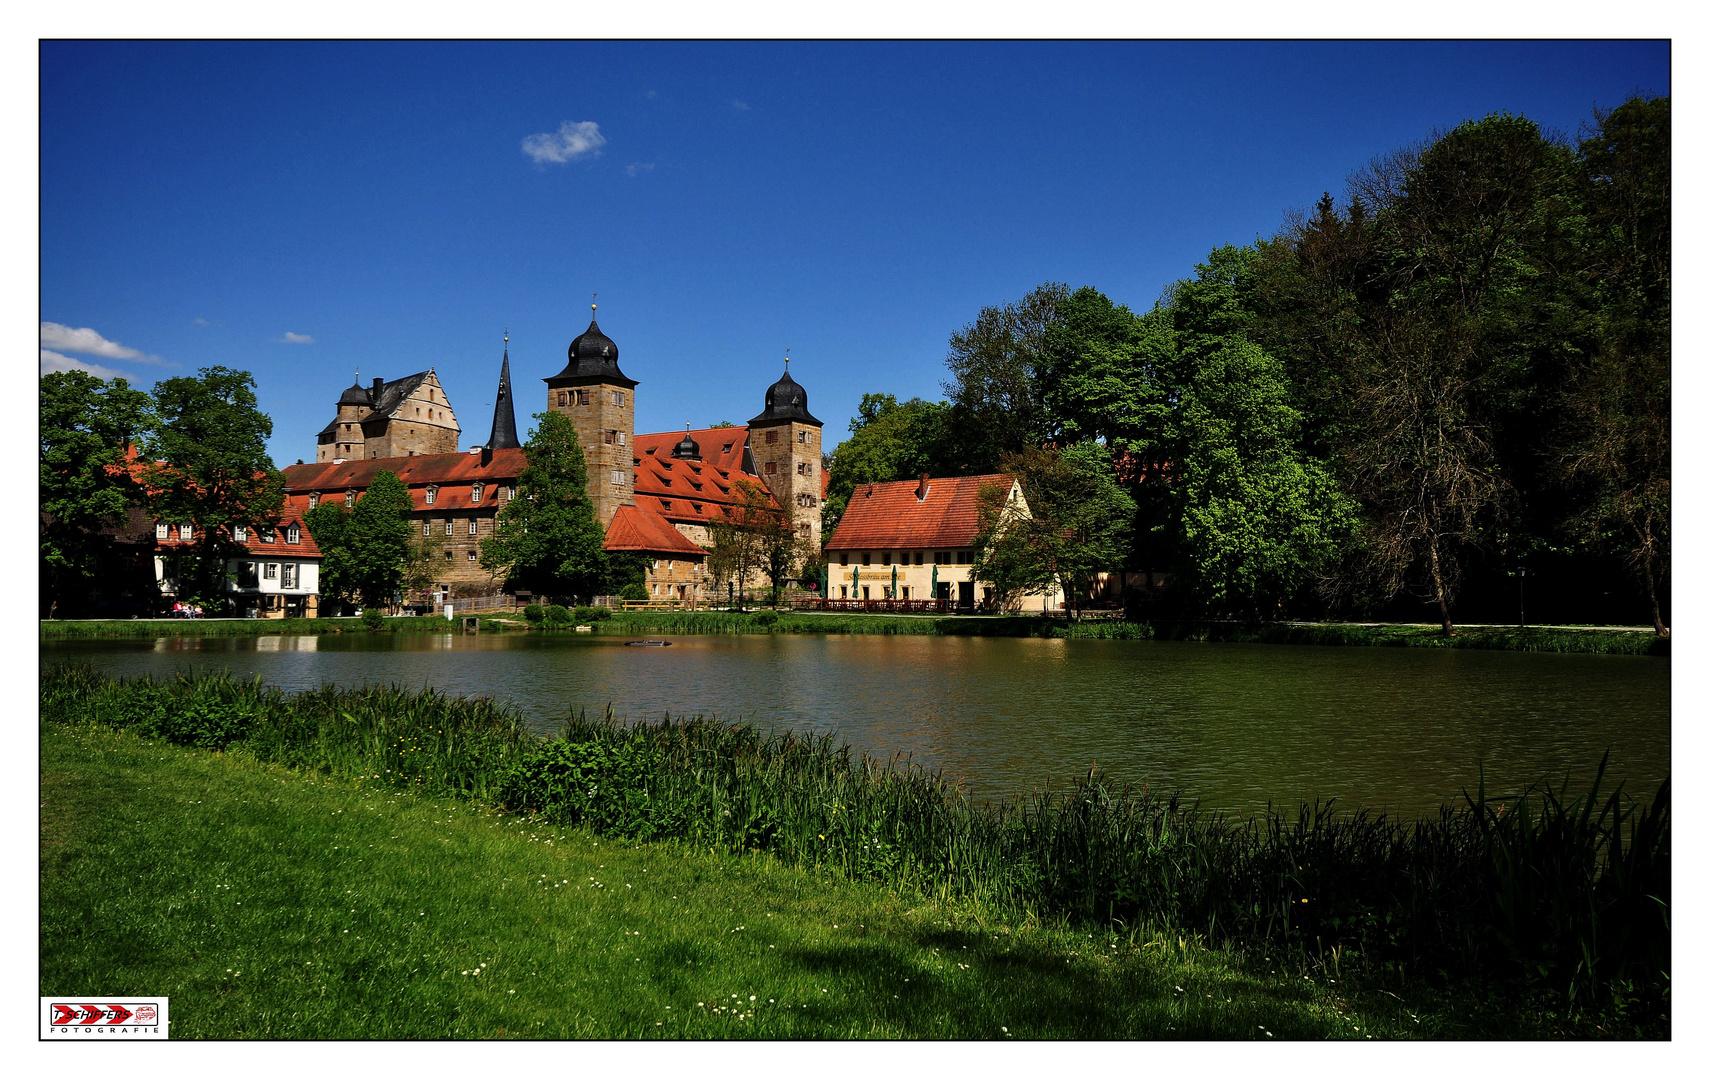 Schloss Thurnau am See